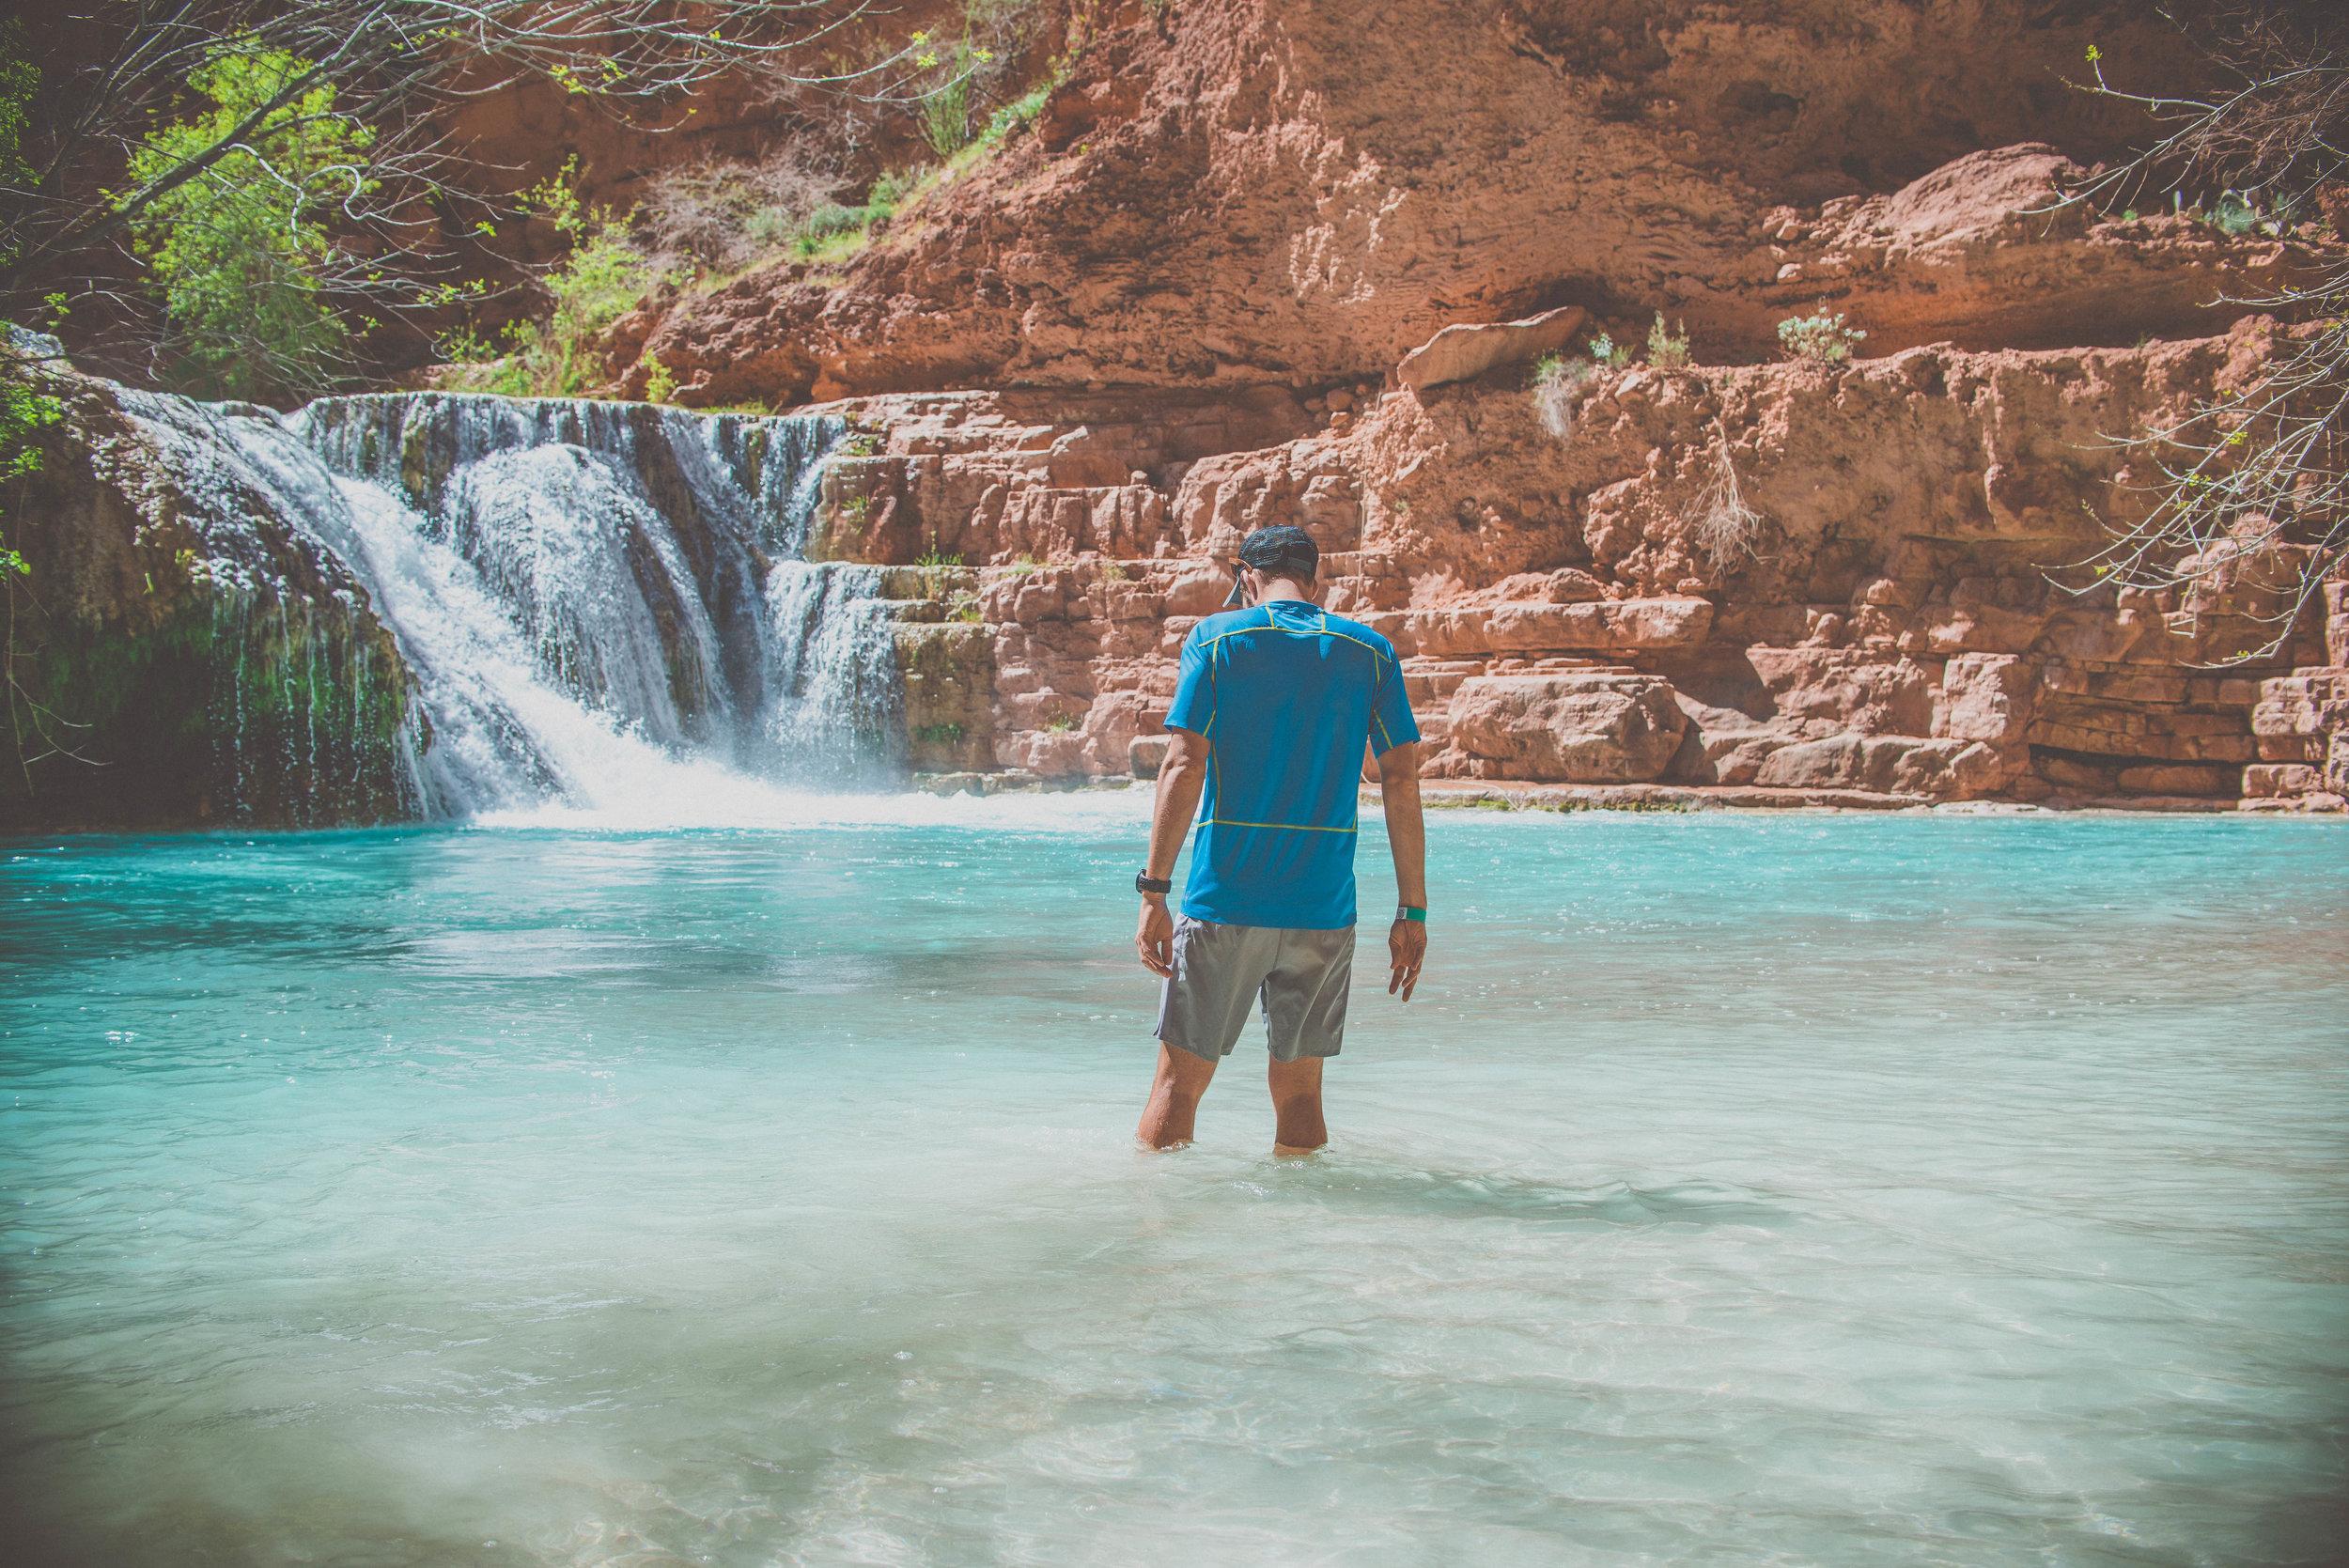 Exploring the multi-level Beaver Falls